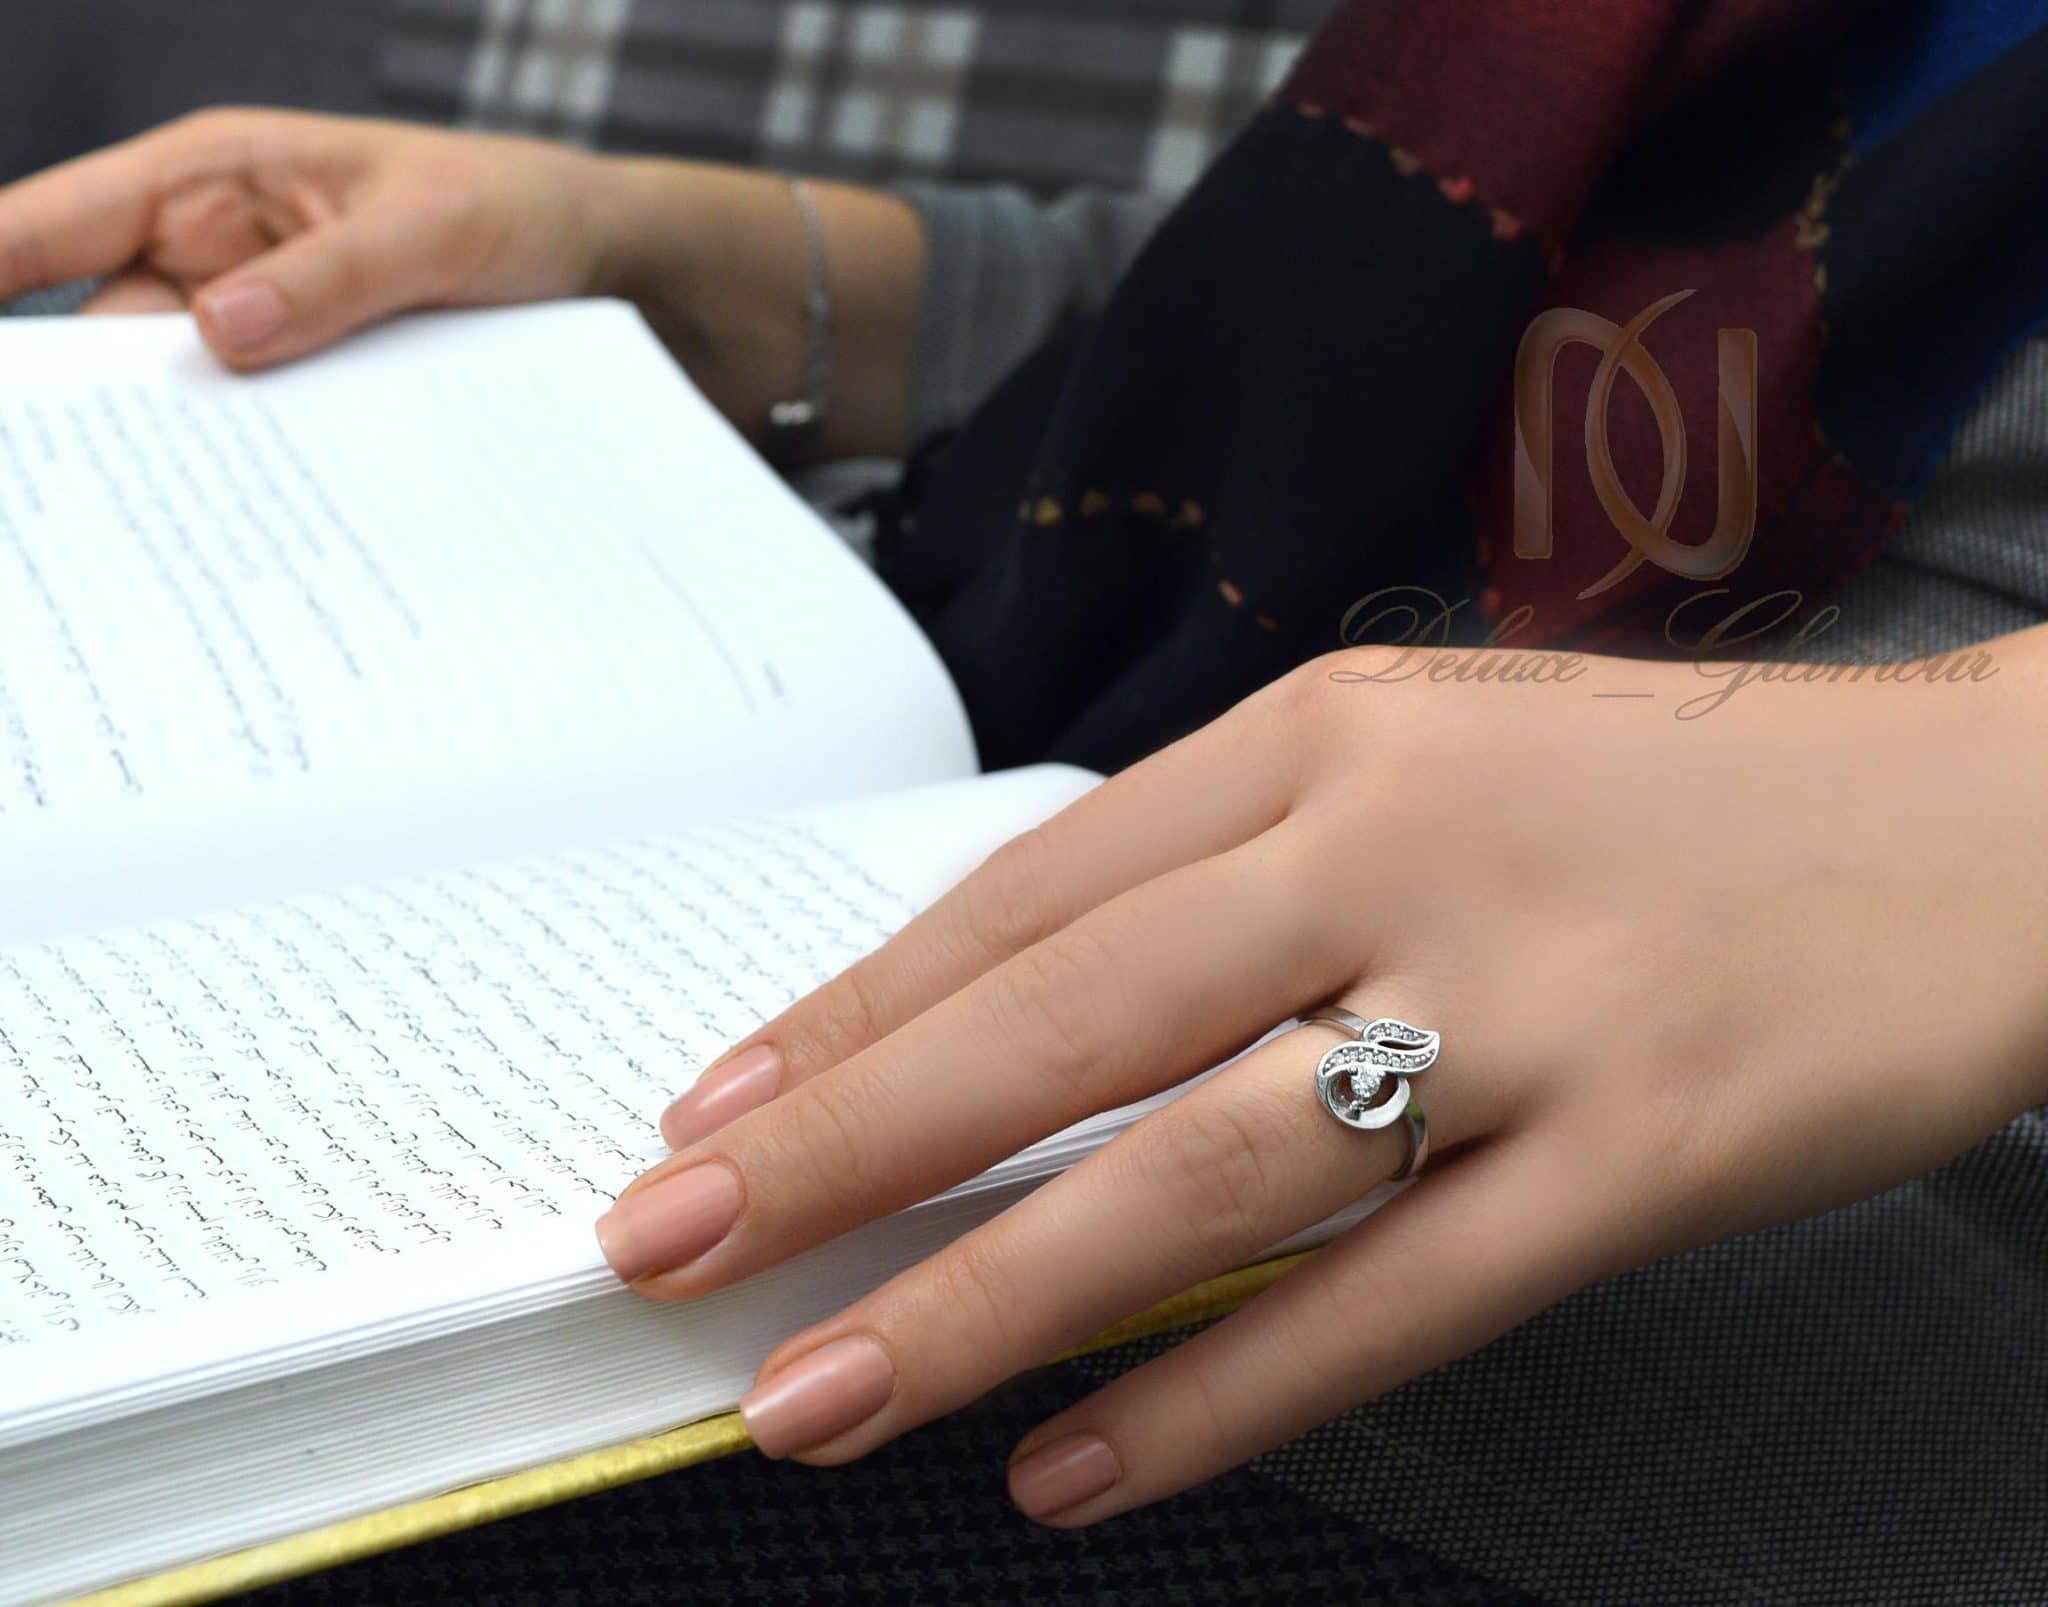 انگشتر دخترانه نقره تایلندی ظریف rg-n261 از نمای روی دست